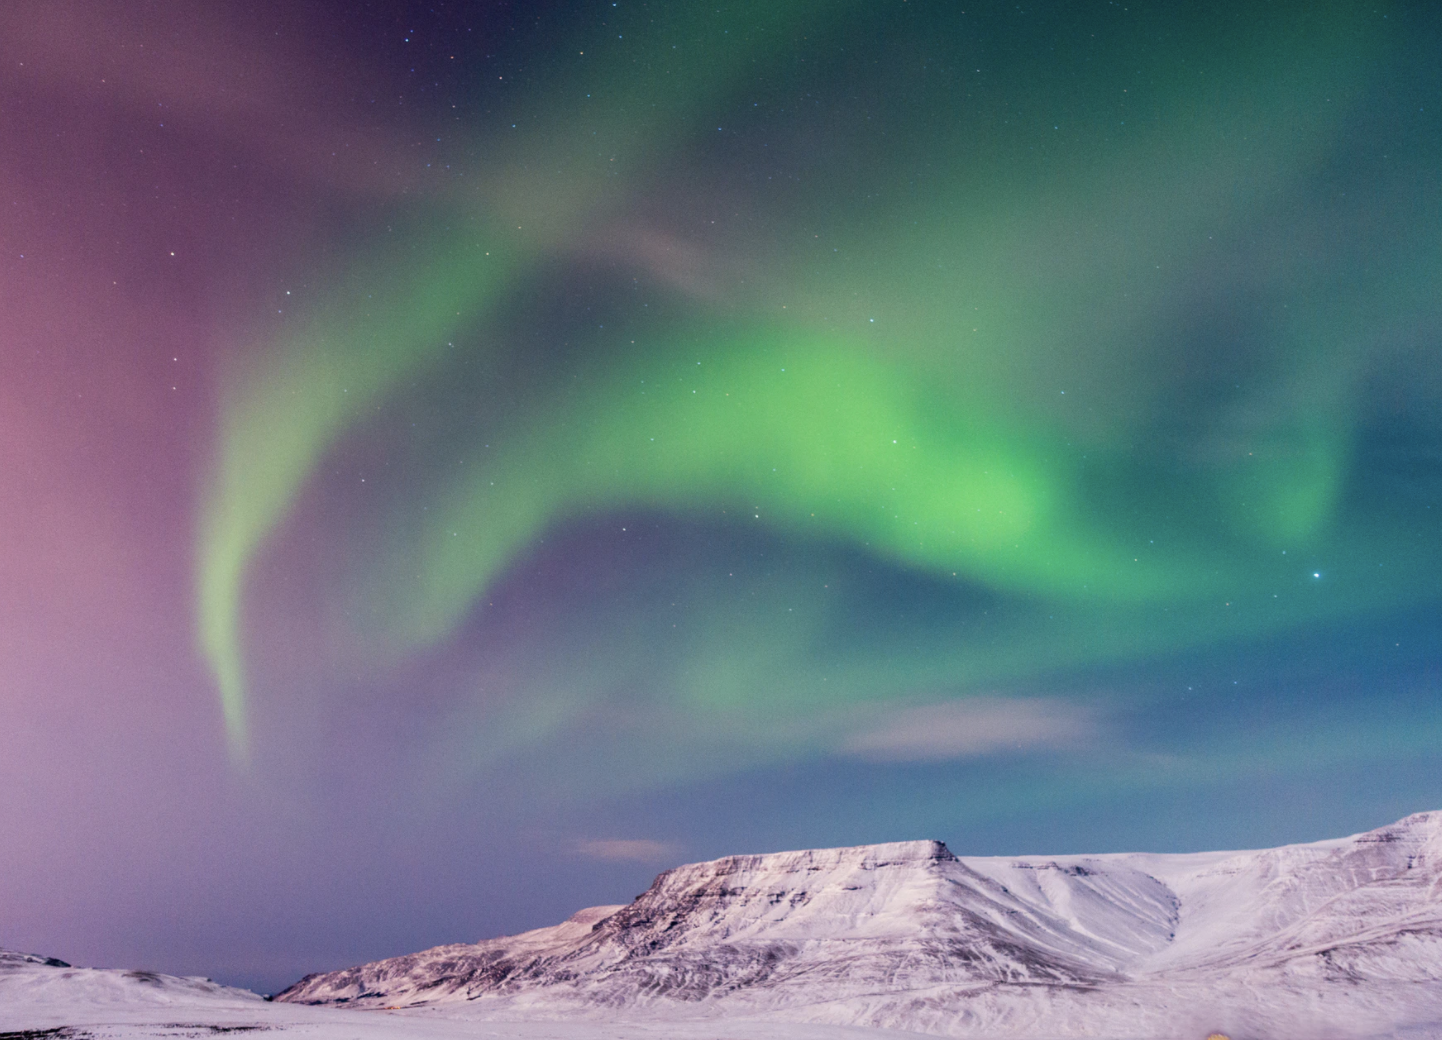 Inversión de polos magnéticos causó múltiples cambios en el planeta hace 42.000 años